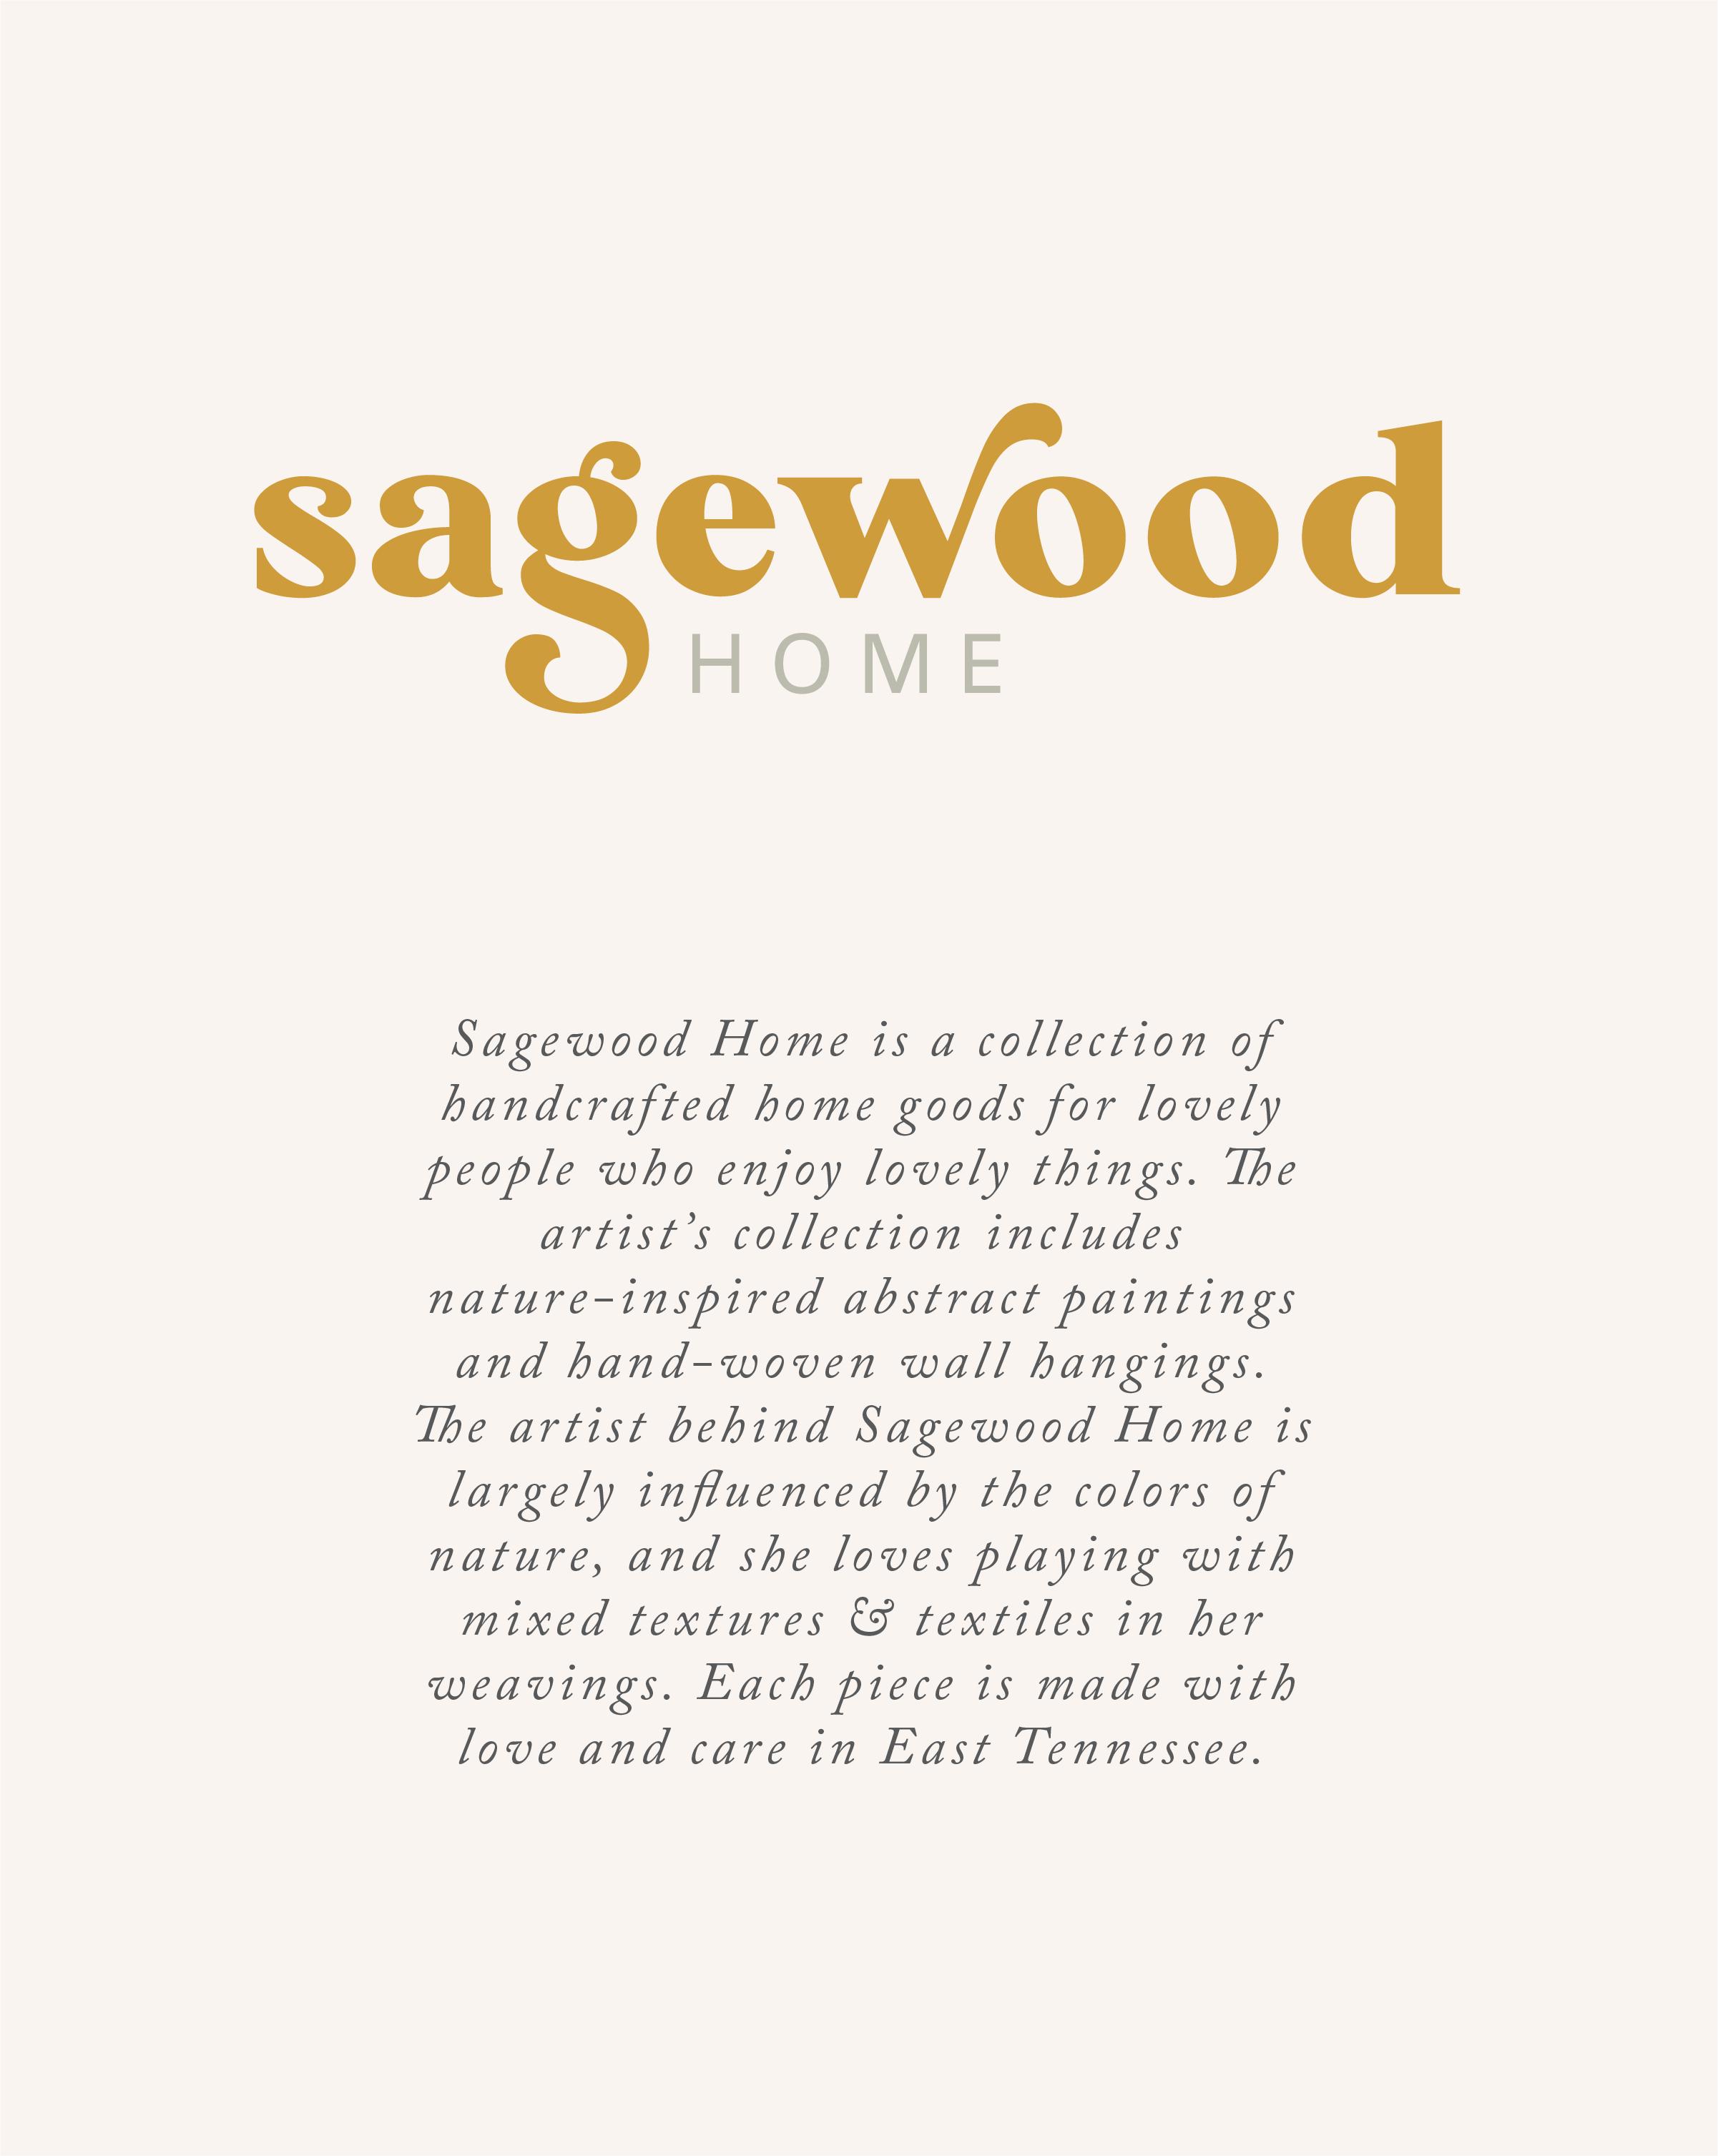 SagewoodHome_Portfolio_Image-07.png